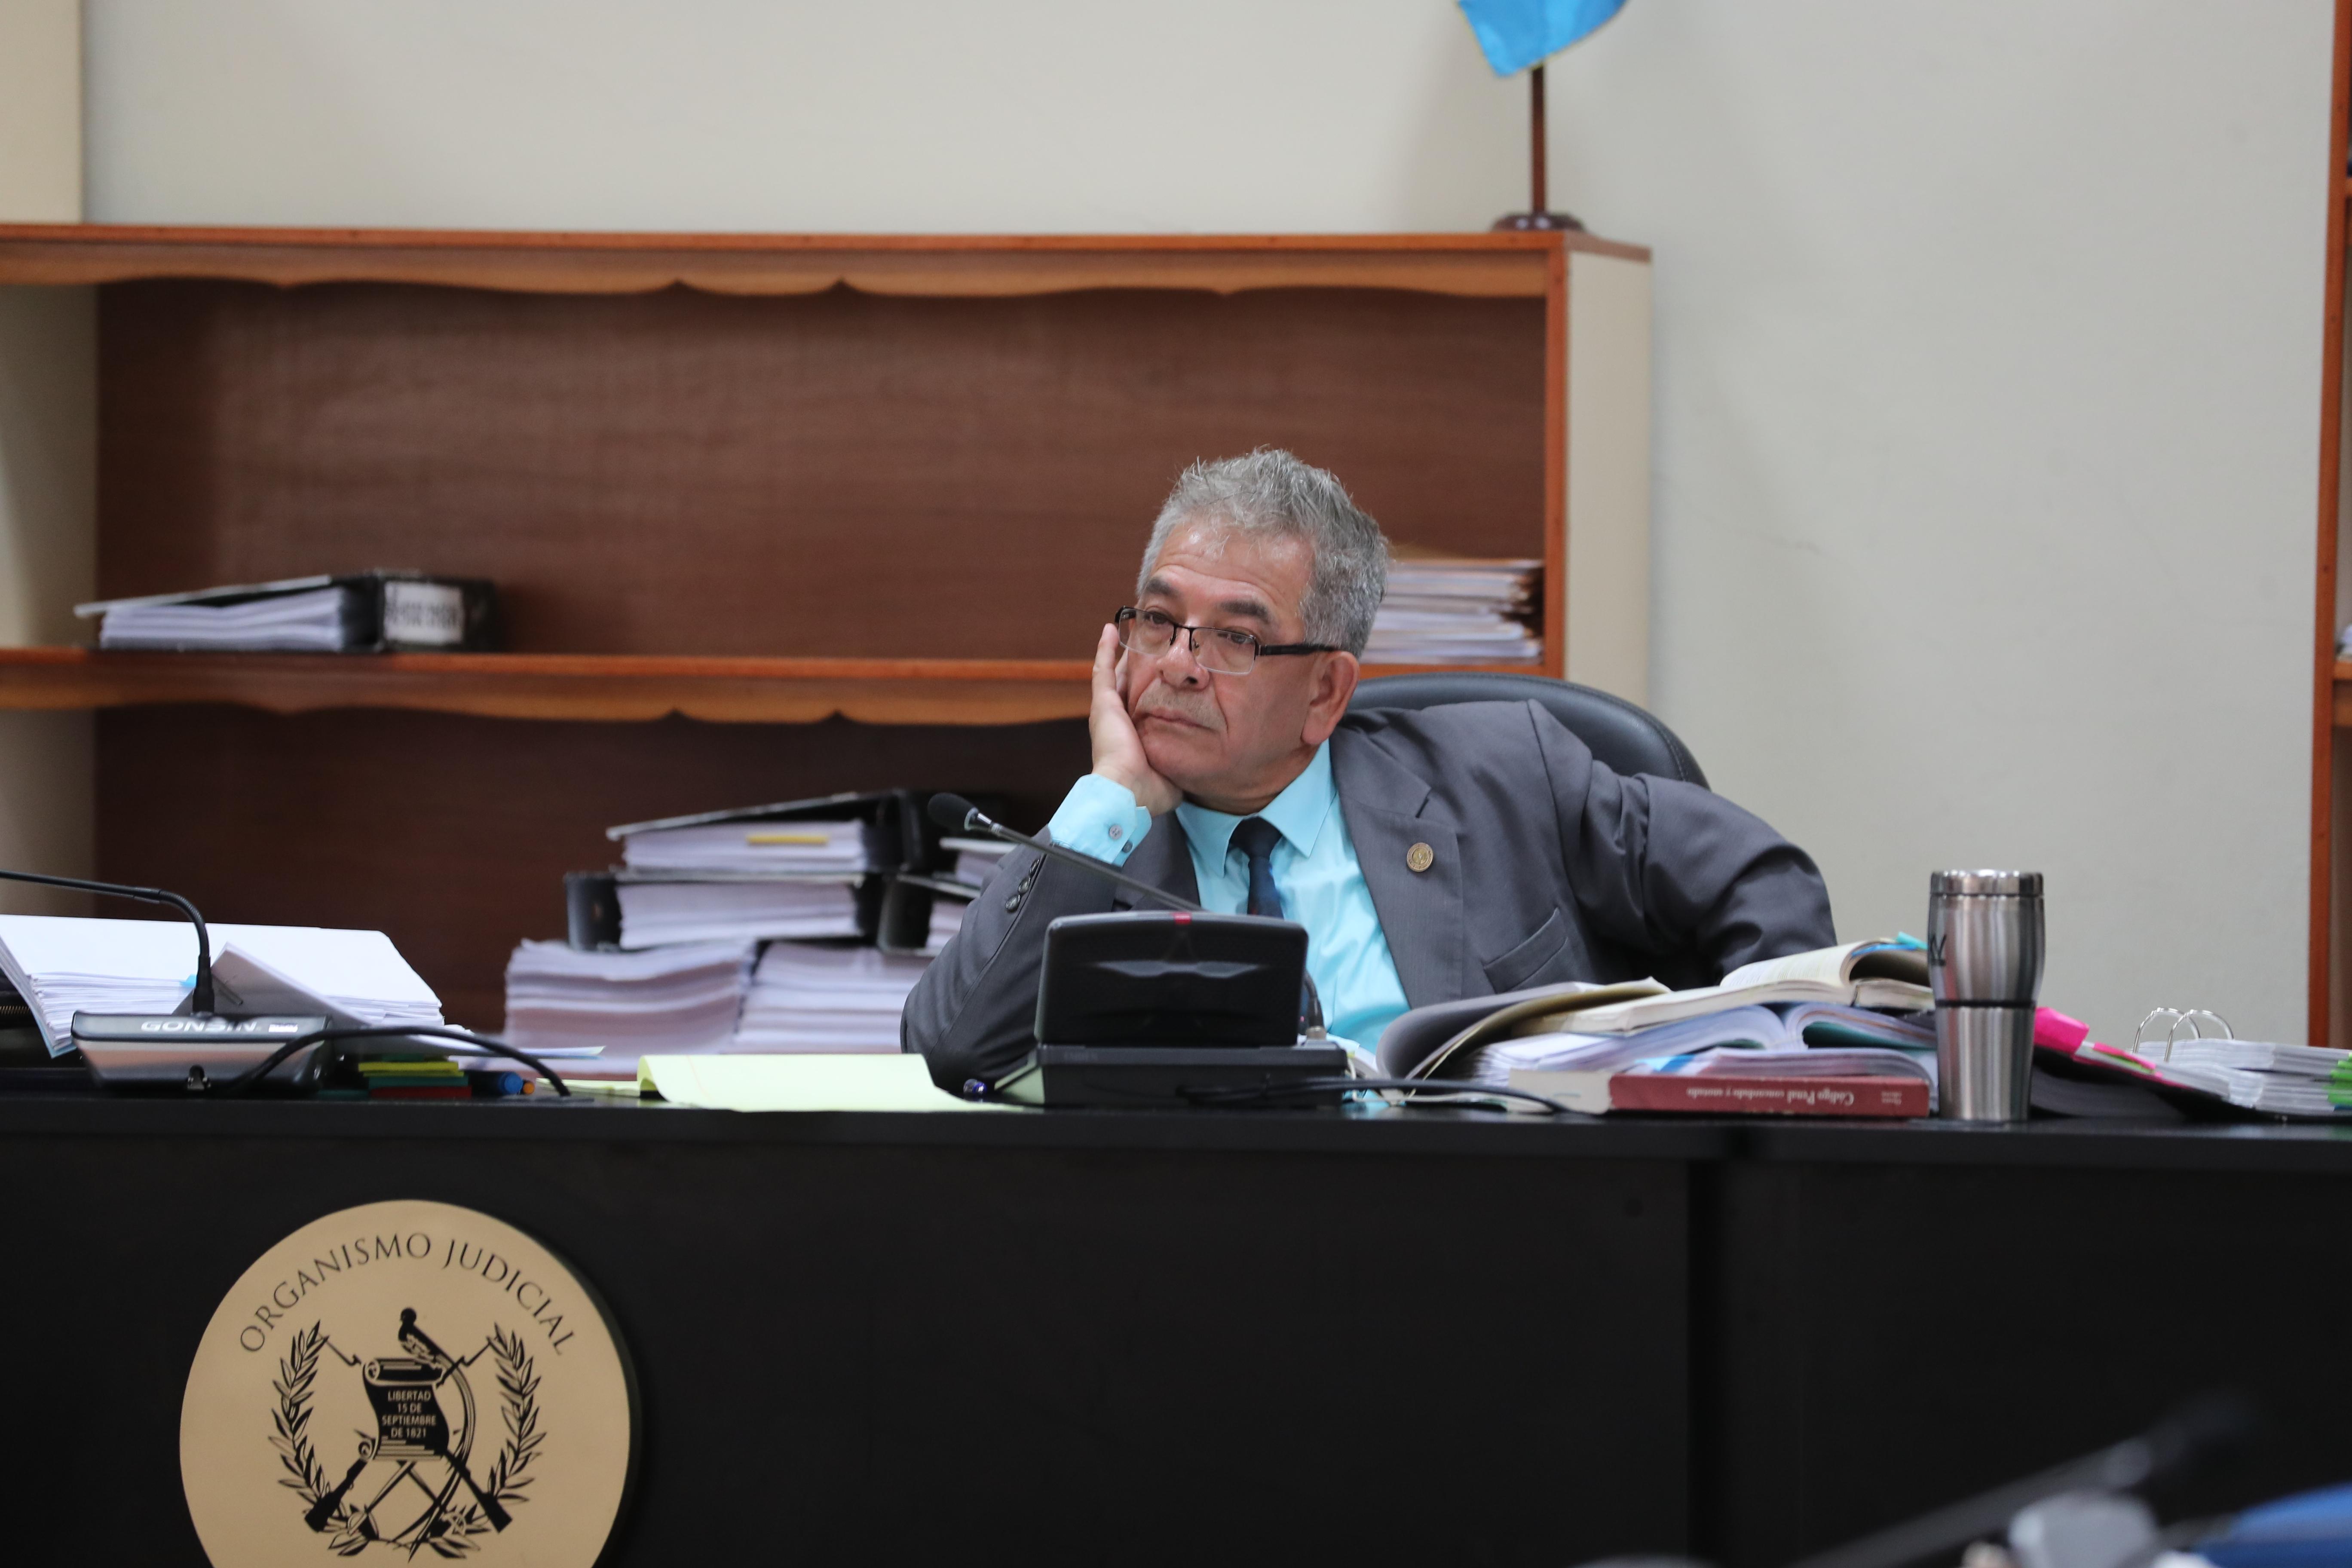 Miguel Angel G‡lvez, juez del Juzgado de Mayor Riesgo B inicia la audiencia de ofrecimiento de pruebas  por el caso La L'nea.   Erick Avila.            21/02/2019